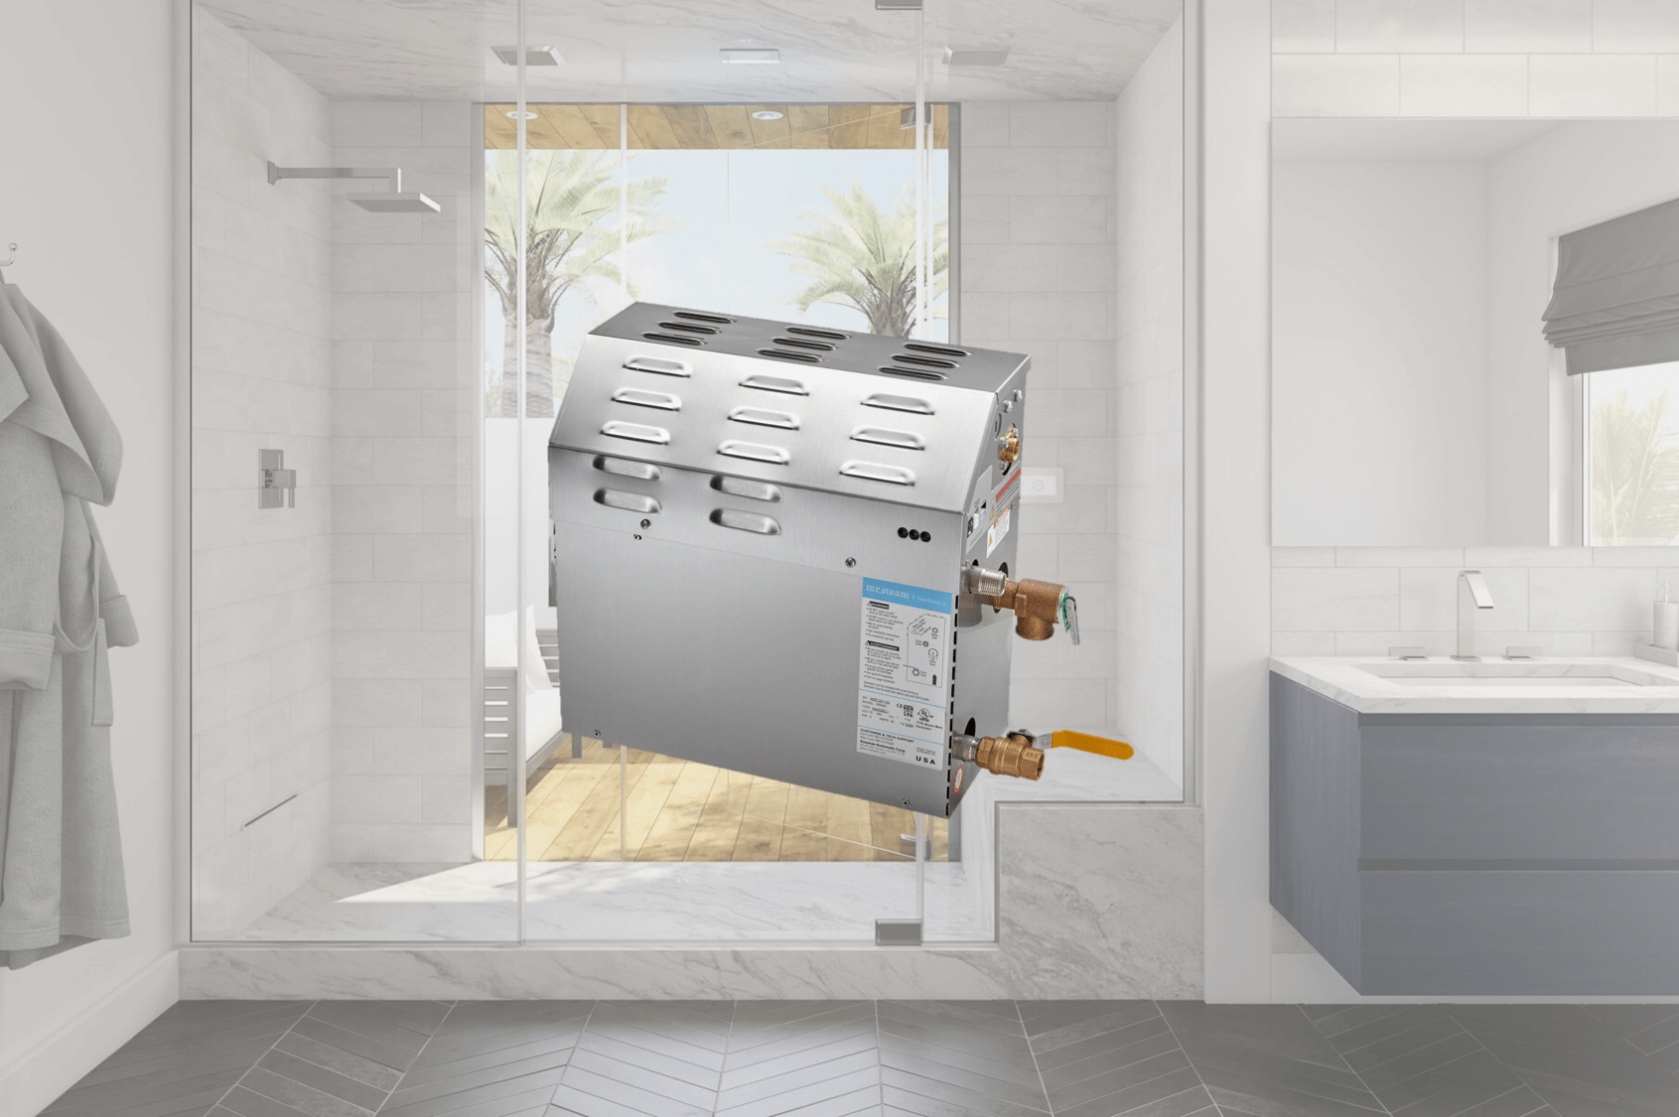 saunas-vapor-residencial-2